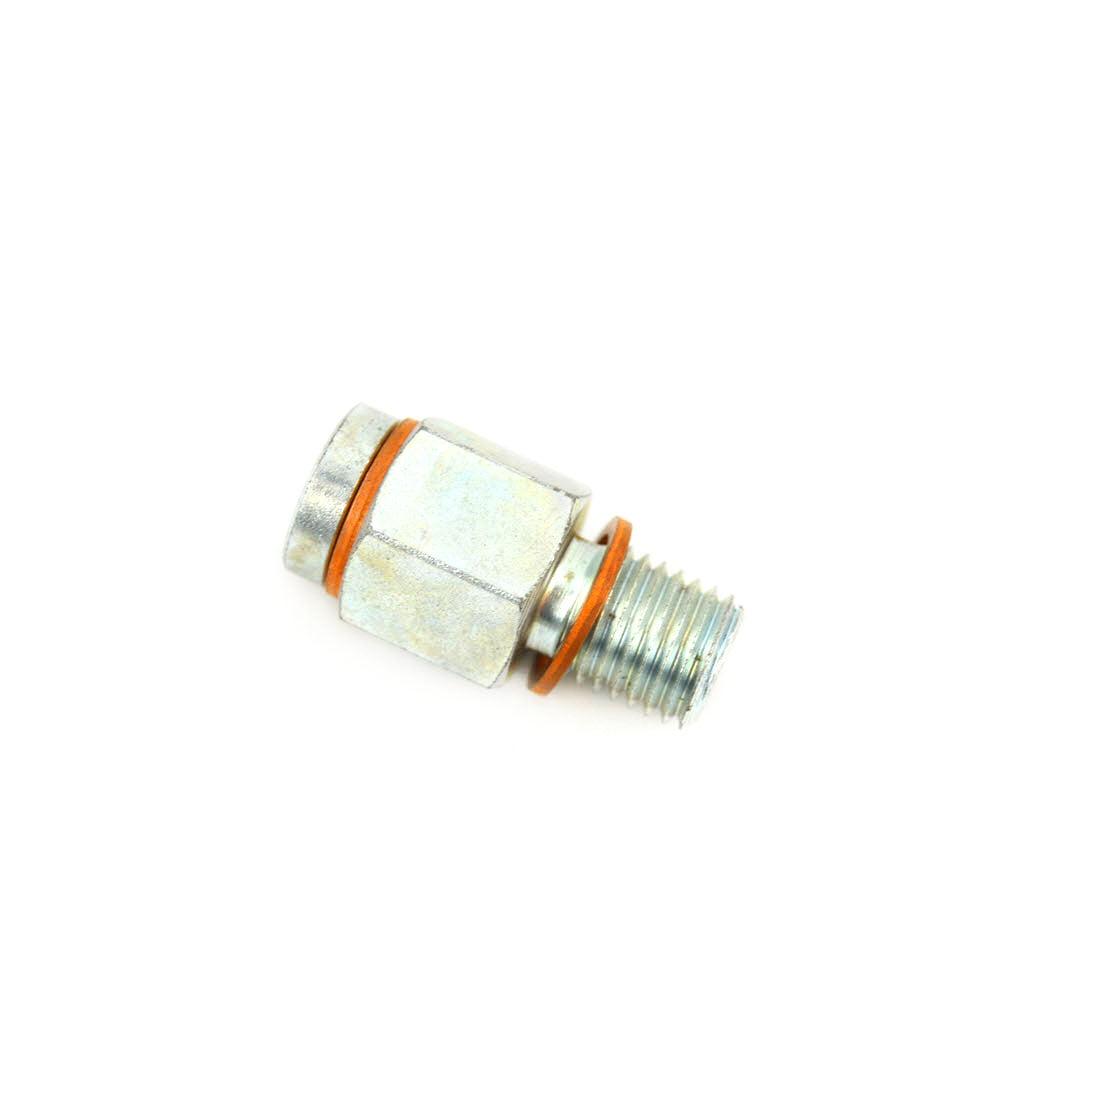 oversize-sump-plug